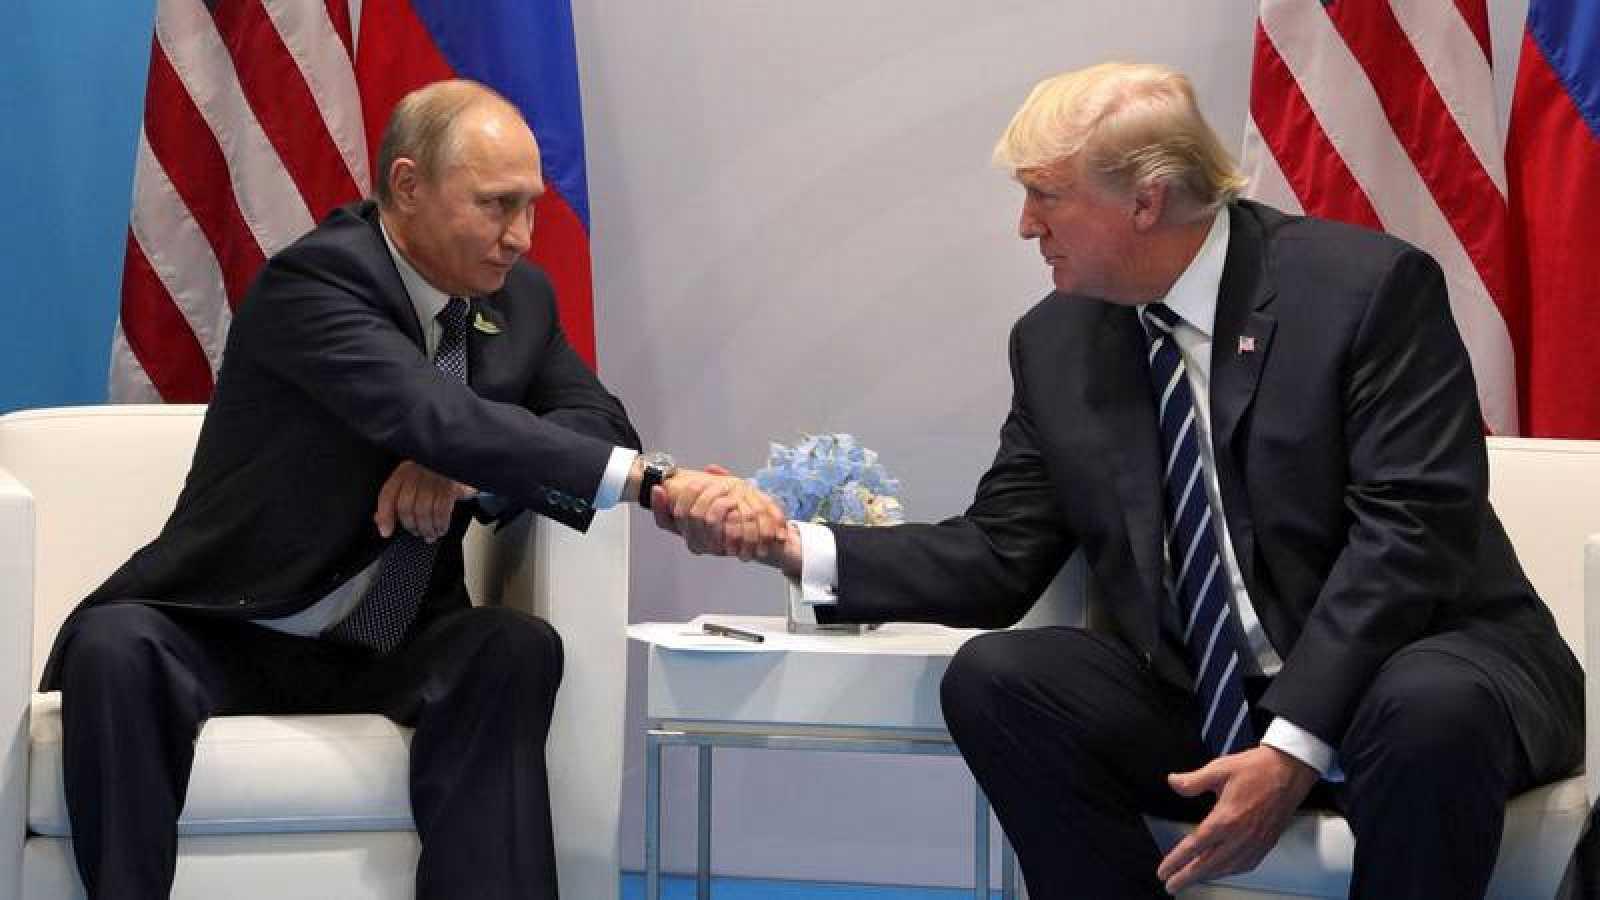 El primer encuentro entre Trump y Putin, en la cumbre del G-20 el pasado 7 de julio